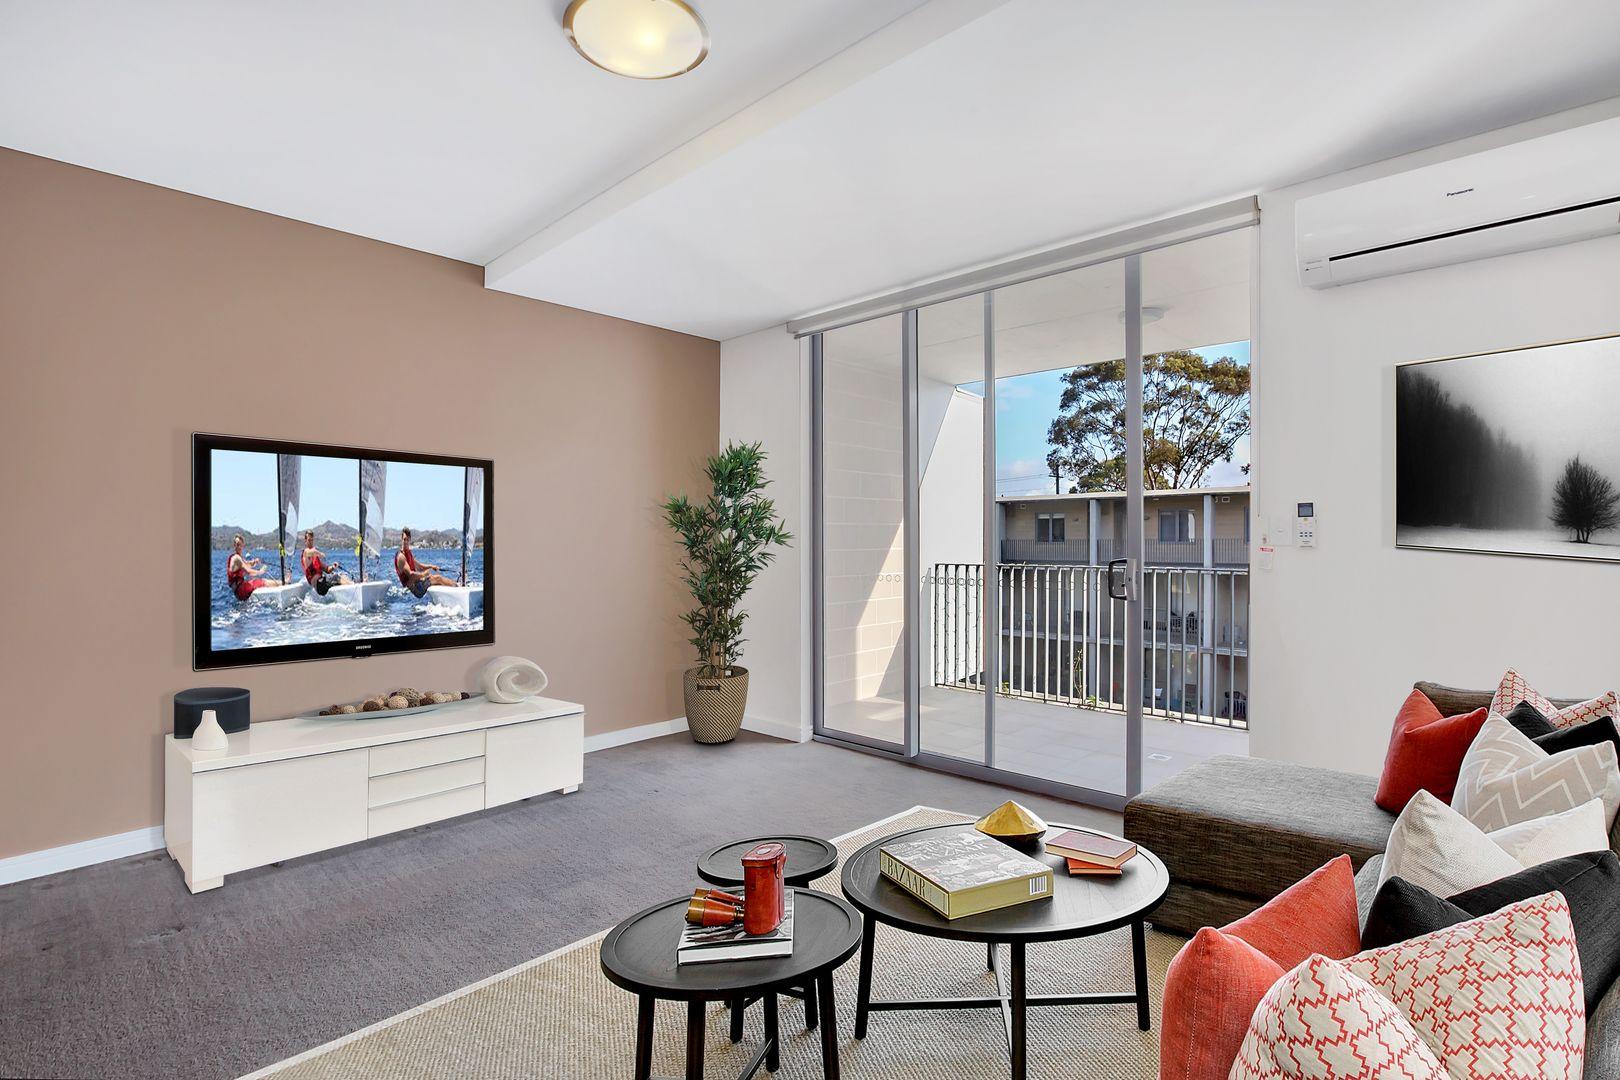 49/525 Illawarra Rd, Marrickville NSW 2204, Image 1